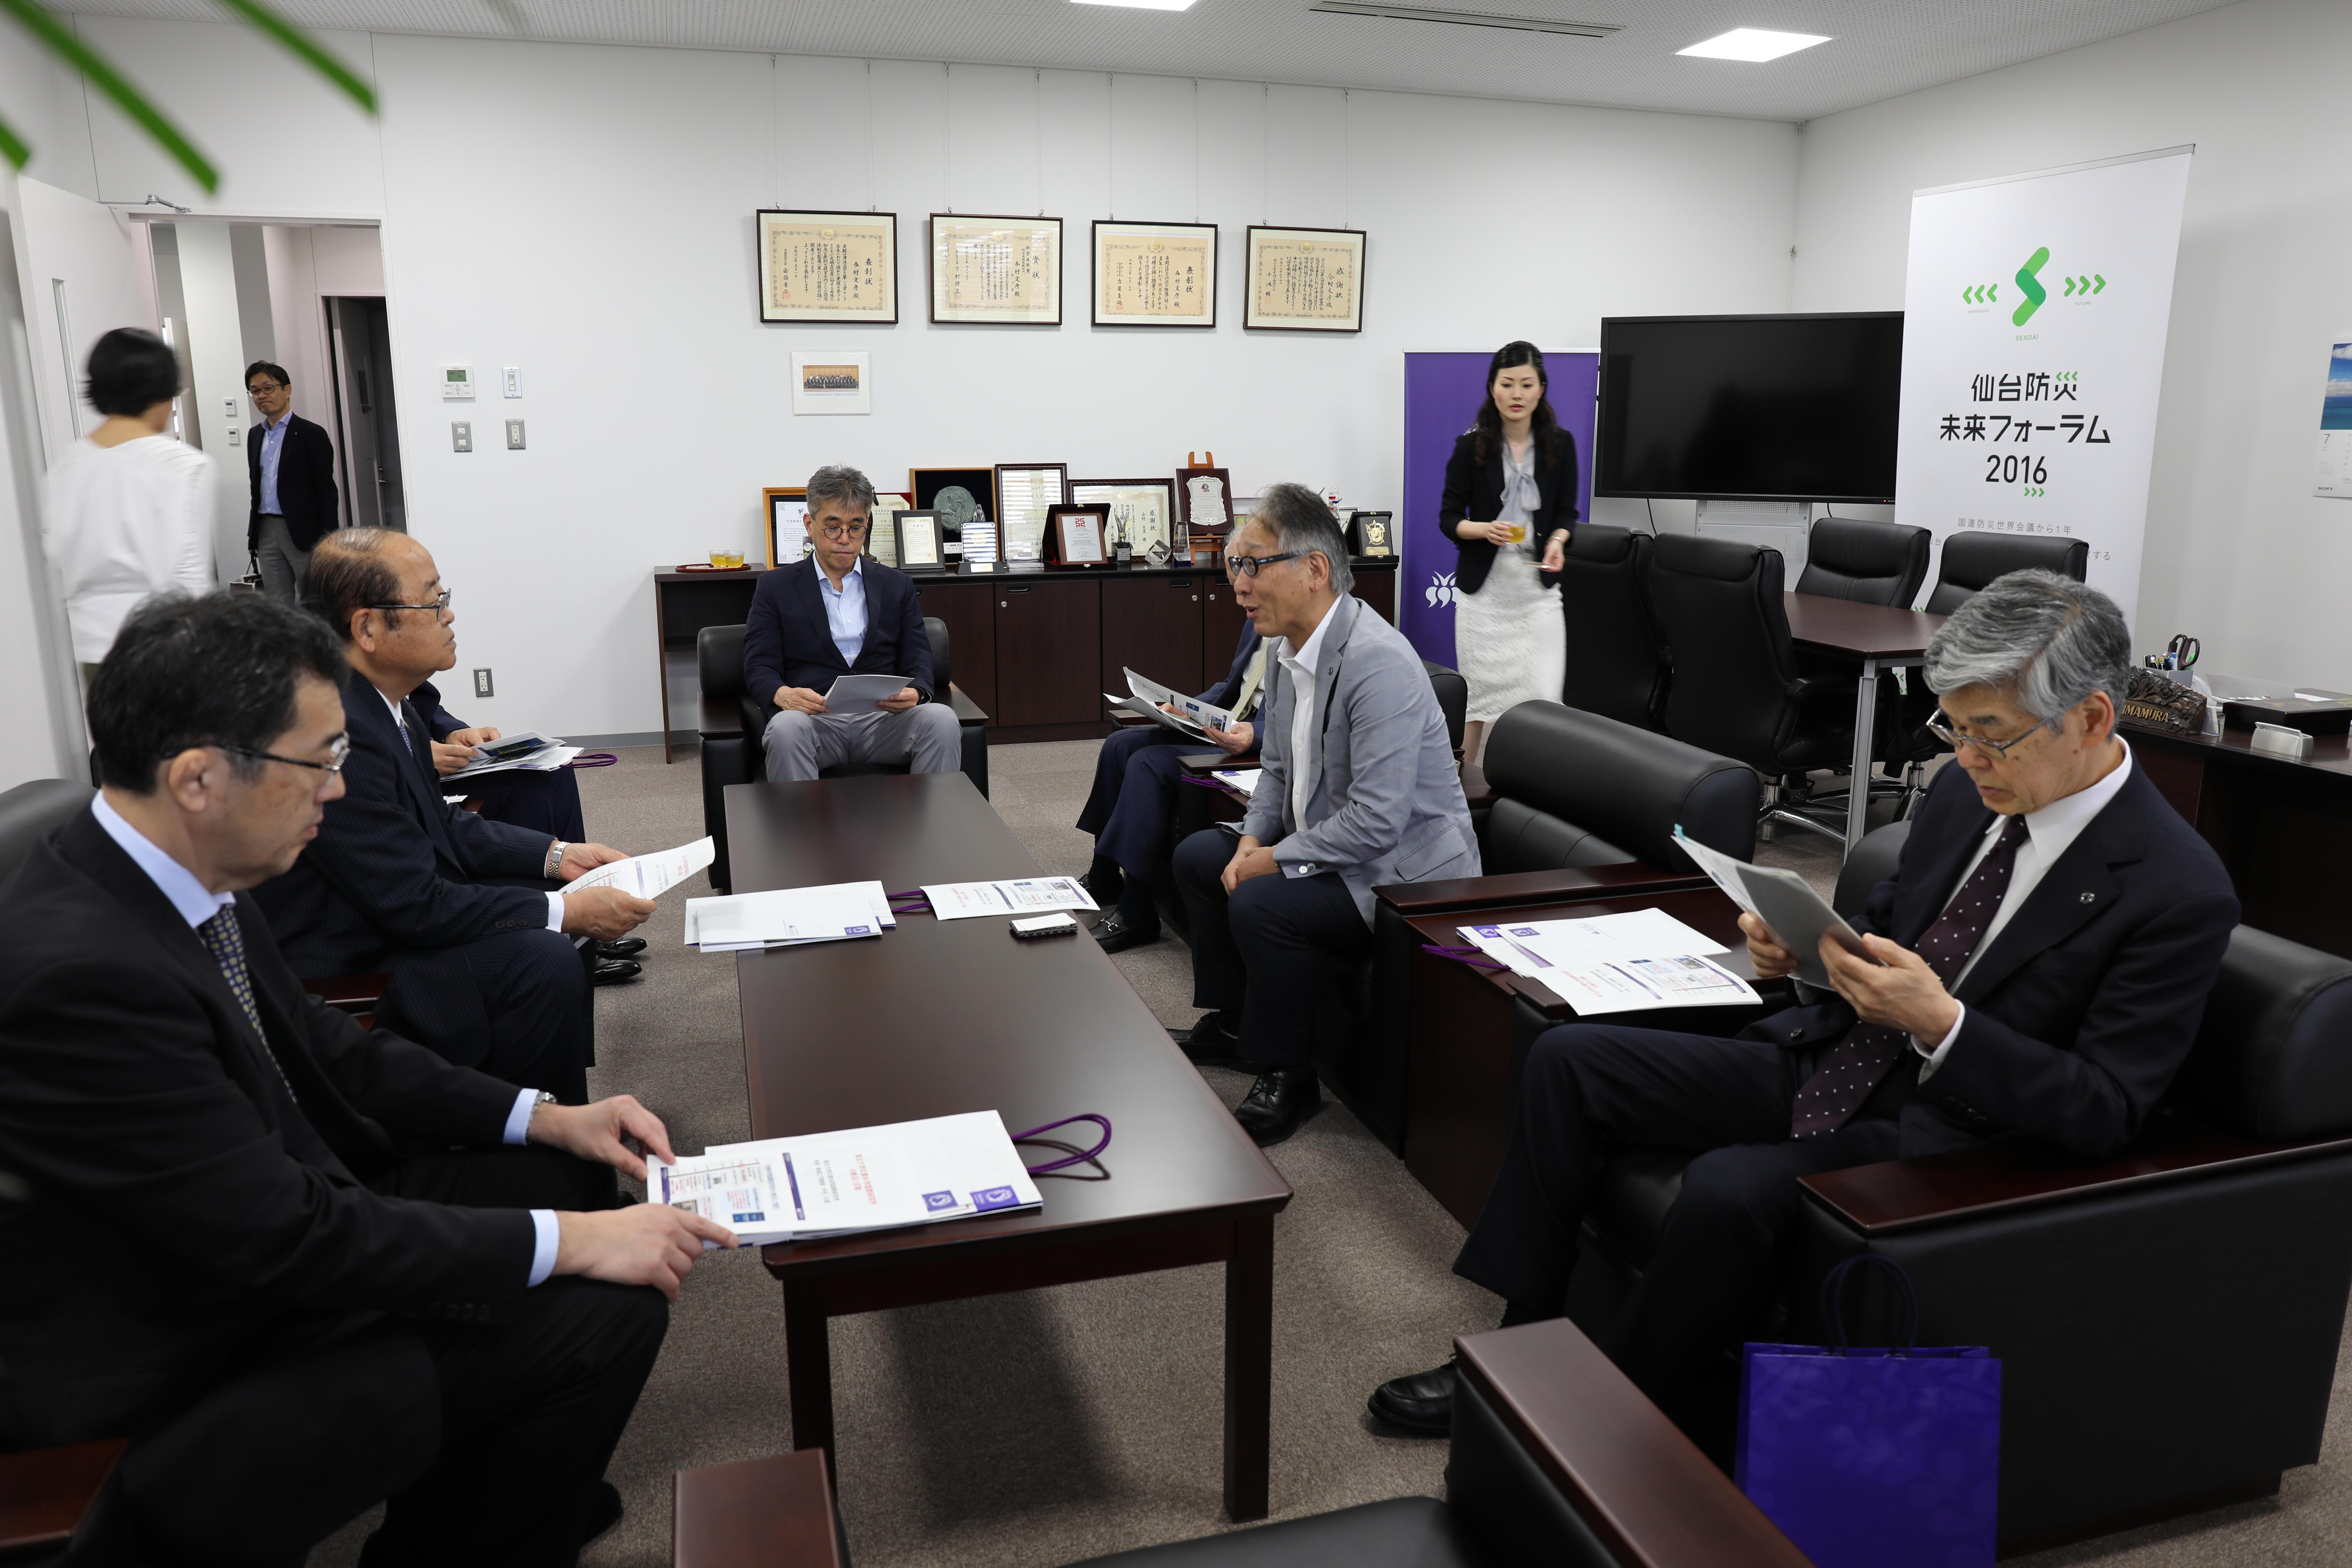 災害科学国際研究所で今村文彦所長から研究所の取り組みの説明を受ける理事長ら(左側)